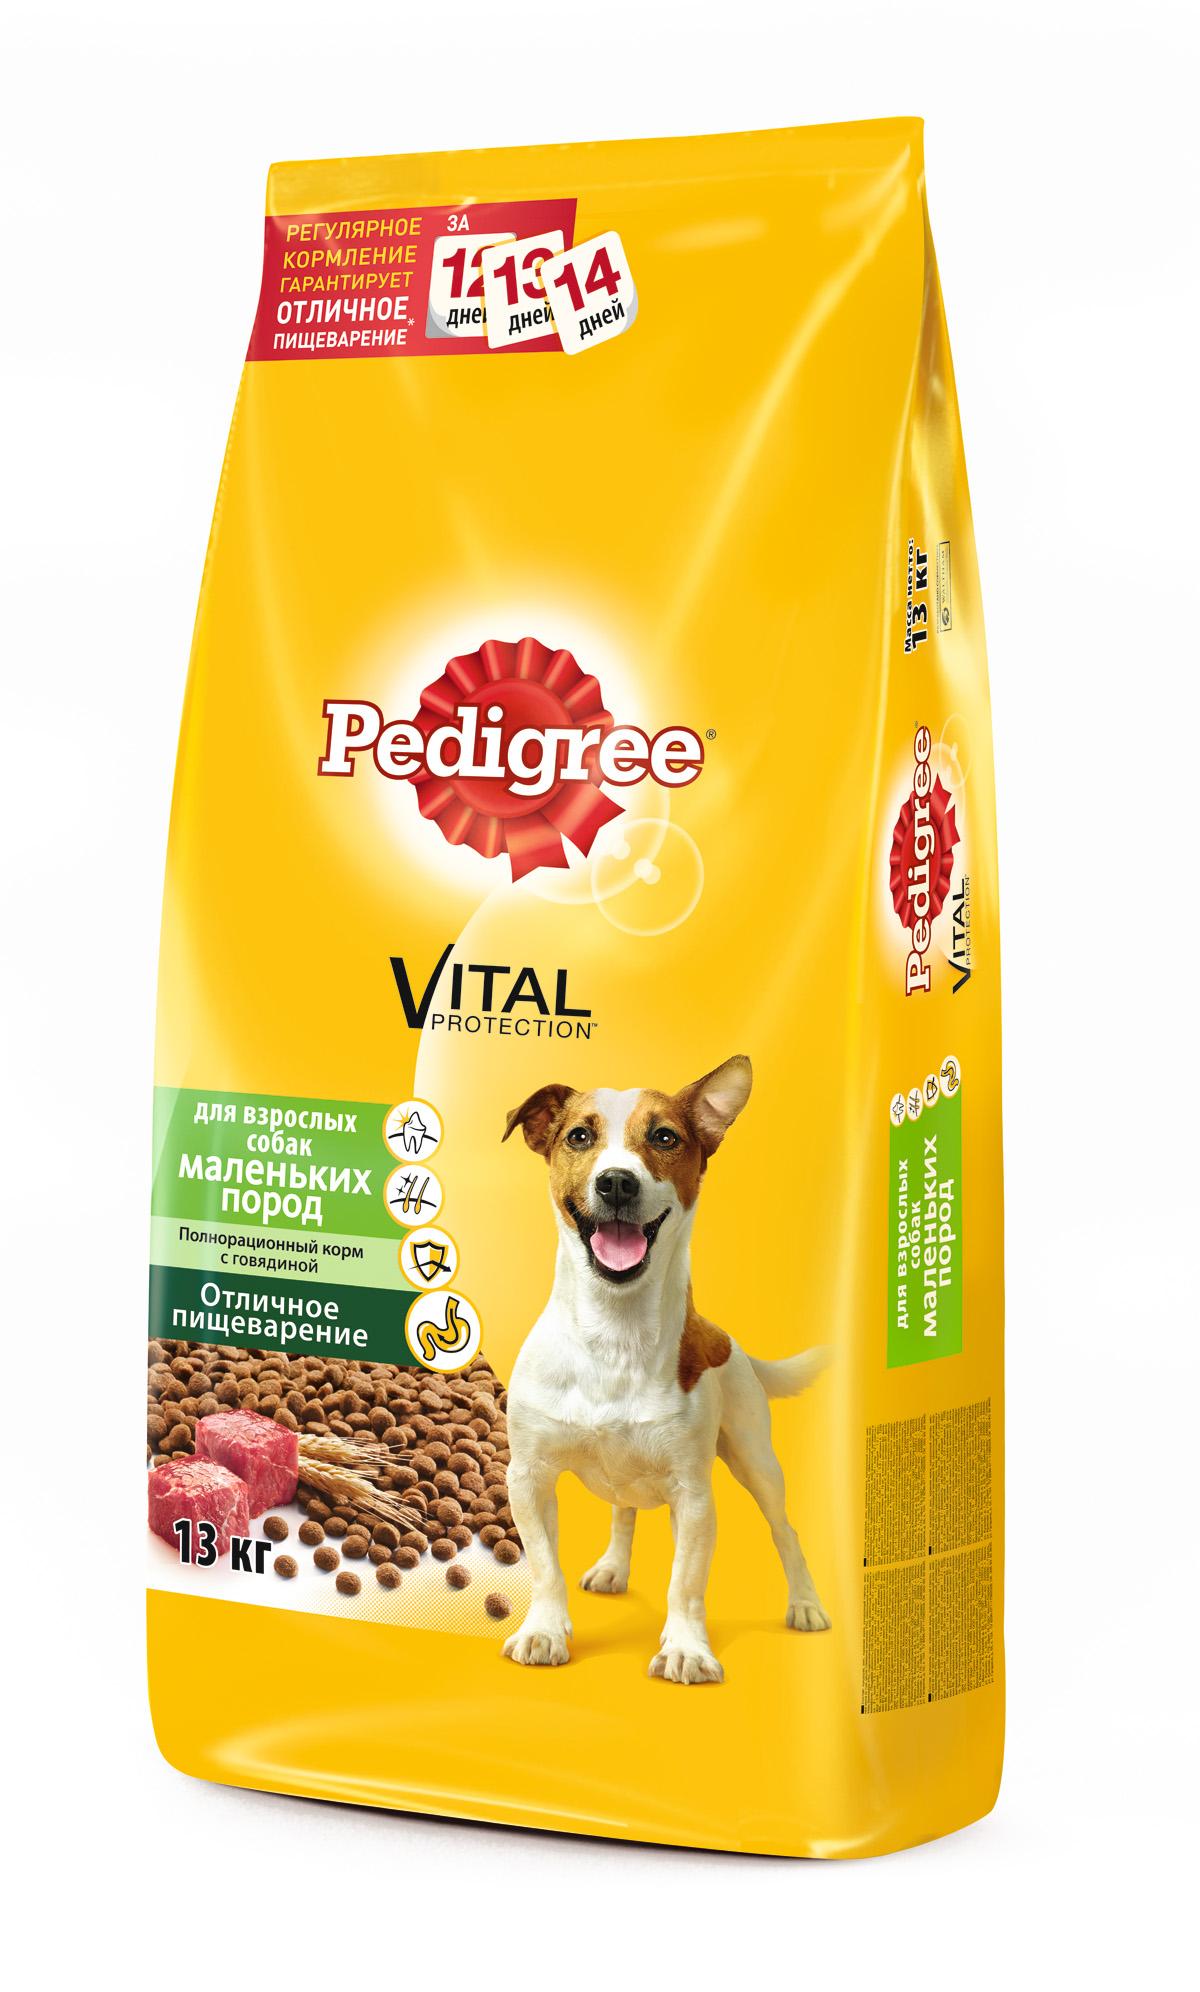 Корм сухой Pedigree для взрослых собак маленьких пород, с говядиной, 13 кг37971Сухой корм Pedigree для взрослых собак весом меньше 14 кг - это полнорационный корм с говядиной, который предназначен для взрослых собак маленьких и карликовых пород. Он состоит из качественных и натуральных ингредиентов: мяса, овощей, злаков. Корм способствует здоровому росту и гармоничному развитию вашего питомца. Он создан с учетом особенностей пищеварения собаки, легко усваивается и обеспечивает правильную работу желудочно-кишечного тракта. Состав: кукуруза, рис, пшеница, куриная мука, мясная мука (в том числе говядина минимум 4%), свекольный жом, подсолнечное масло, жир животный, пивные дрожжи, витамины и минералы. Пищевая ценность (100 г): белки 21 г, жиры 14 г, зола 7 г, клетчатка 4 г, влажность не более 10 г, кальций 1,3 г, фосфор 0,8 г, натрий 0,3 г, калий 0,58 г, магний 0,1 г, цинк 20 г, медь 1,5 г, витамин А 1500 МЕ, витамин Е 20 мг, витамин D3 120 МЕ, витамины B1, B2, B4, B5, B12, ниацин, омега-6, омега-3, полиненасыщенные жирные кислоты. ...